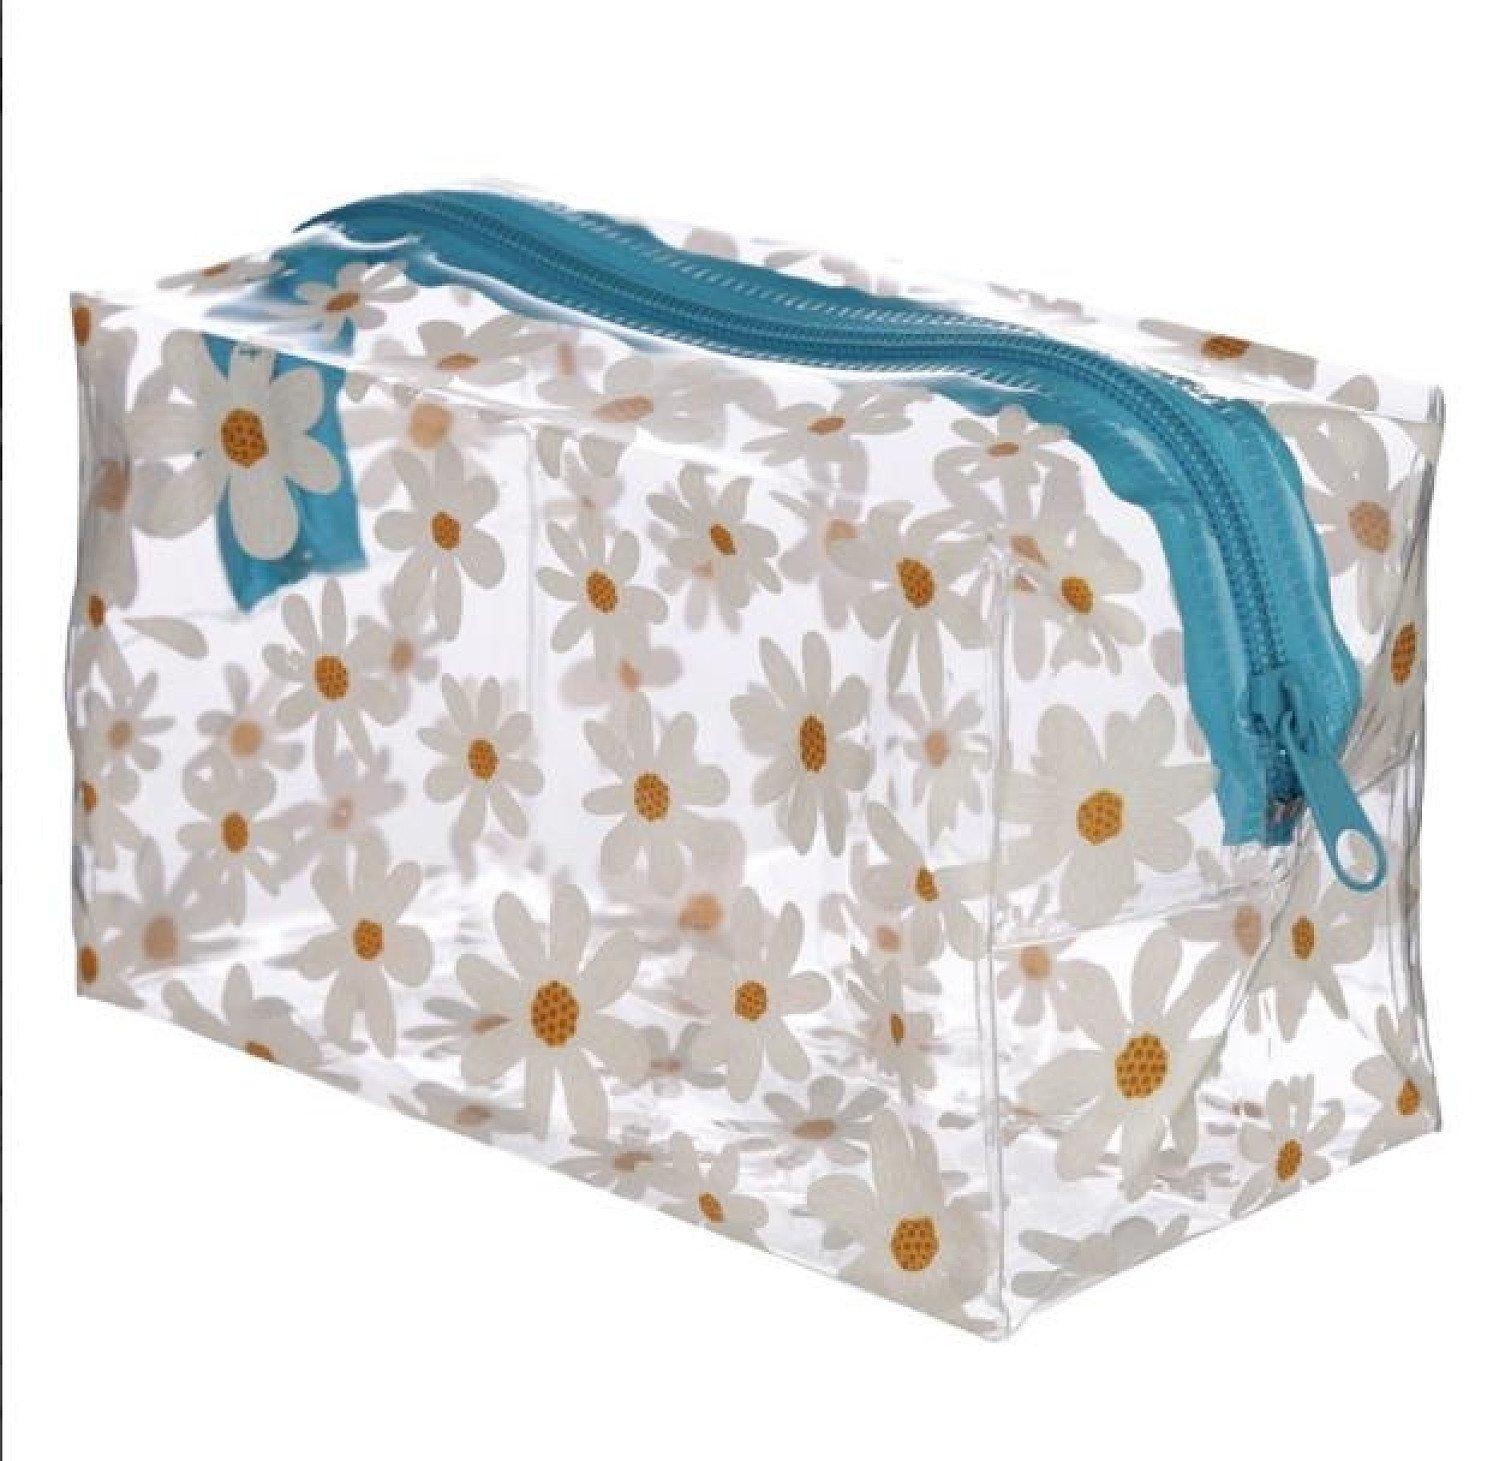 Handy Clear PVC Wash Bag - Oopsie Daisy